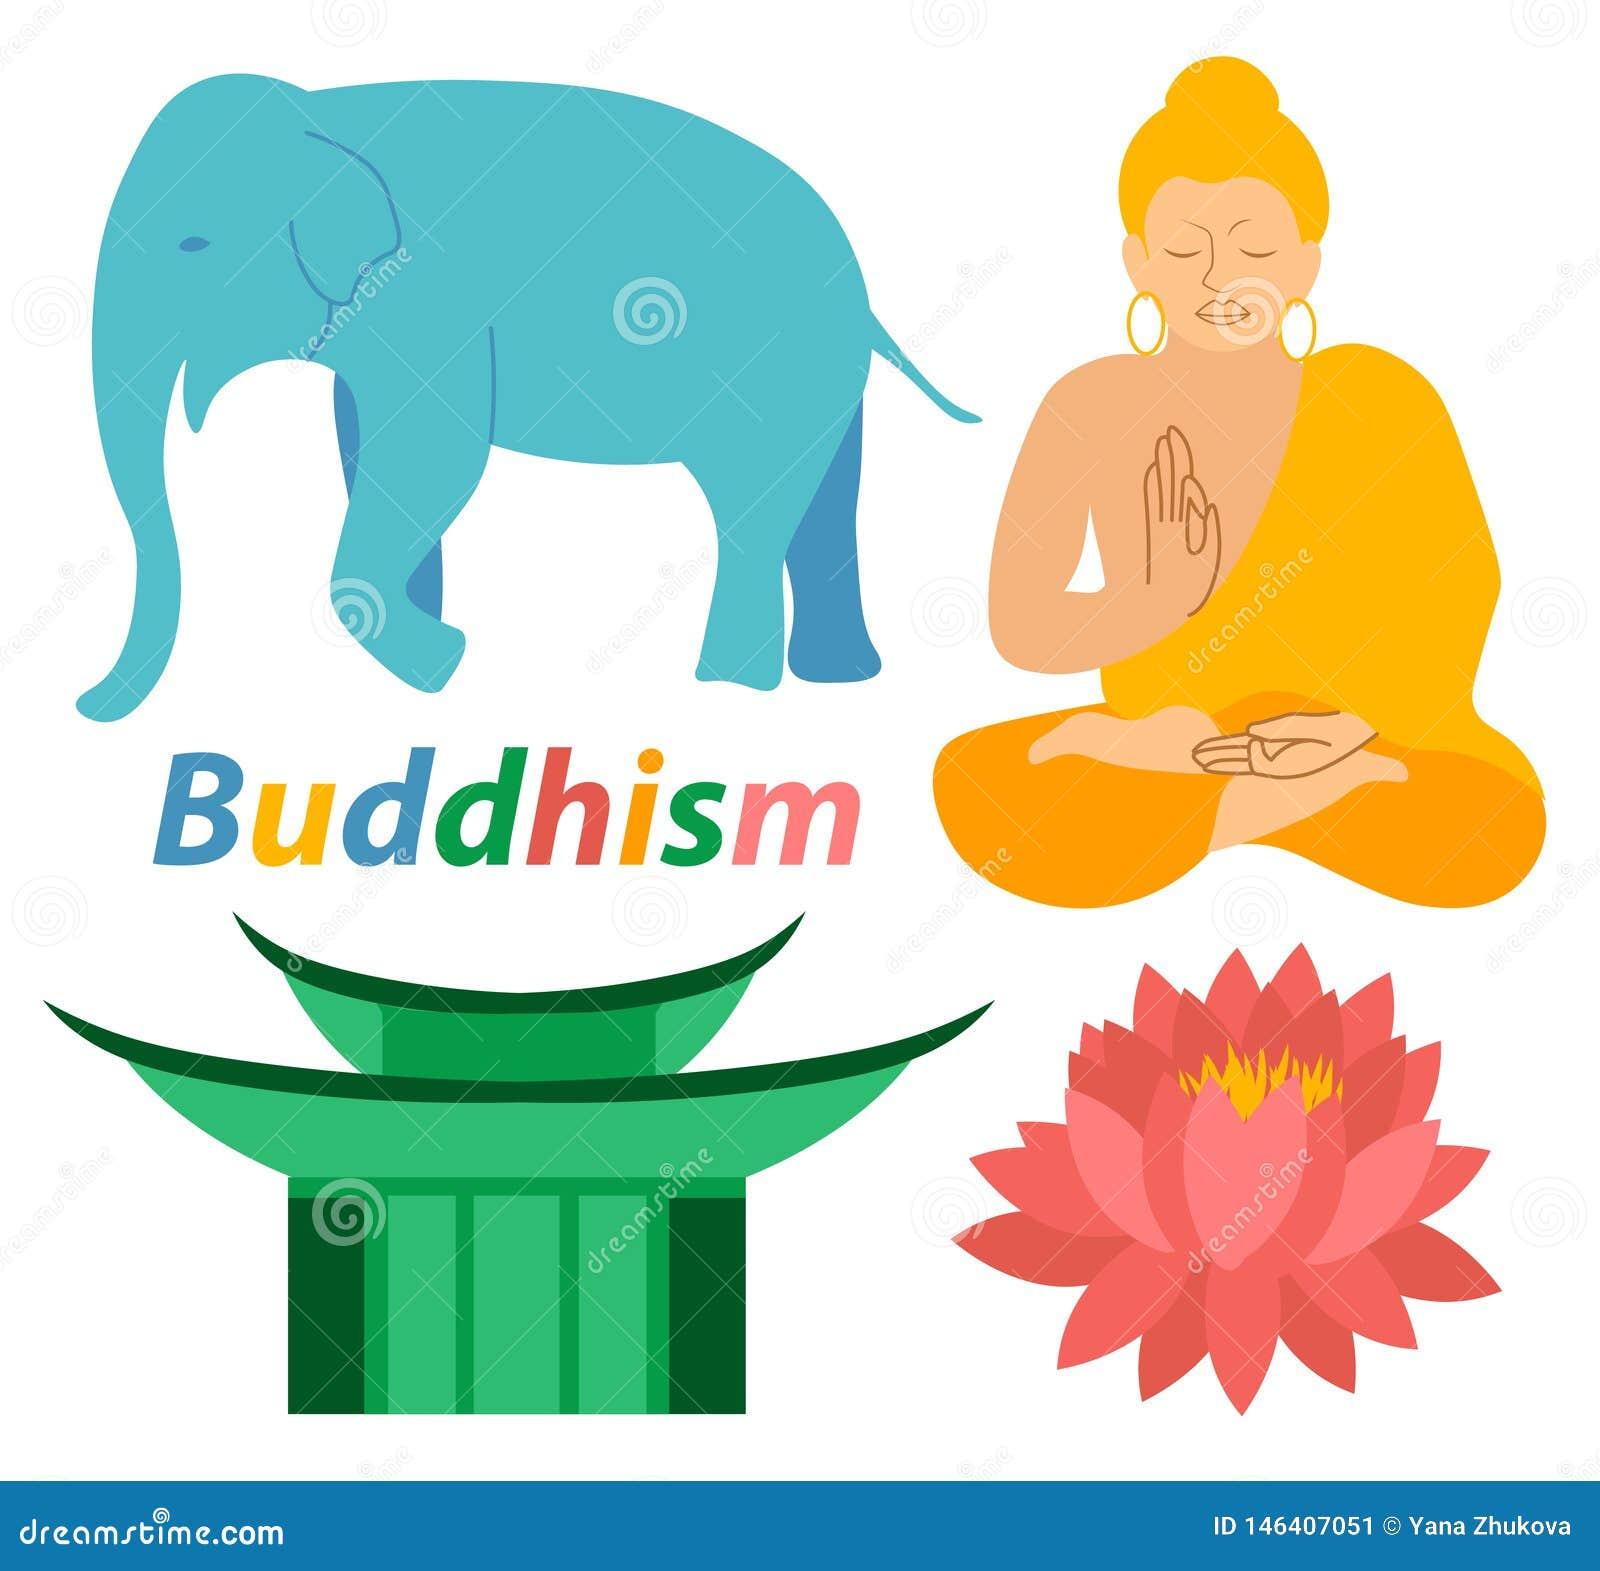 Os ícones da religião de buddha Lotus Buddhism do elefante imprimem o projeto liso colorido da ilustração moderna da meditação da